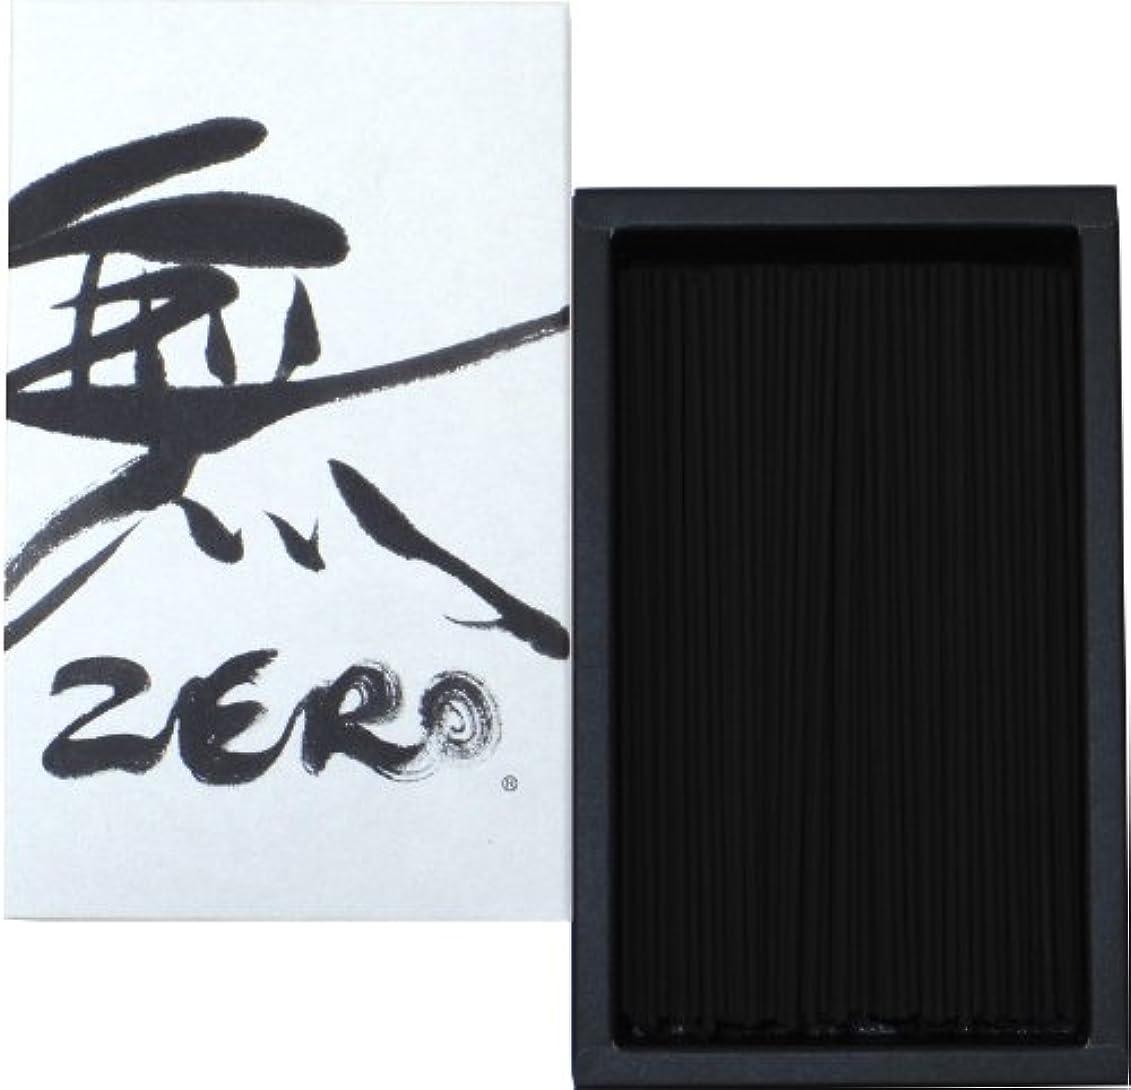 火山一流つぶす丸叶むらたのお線香 無 ZERO(ゼロ)大バラ 約160g #ZR-01